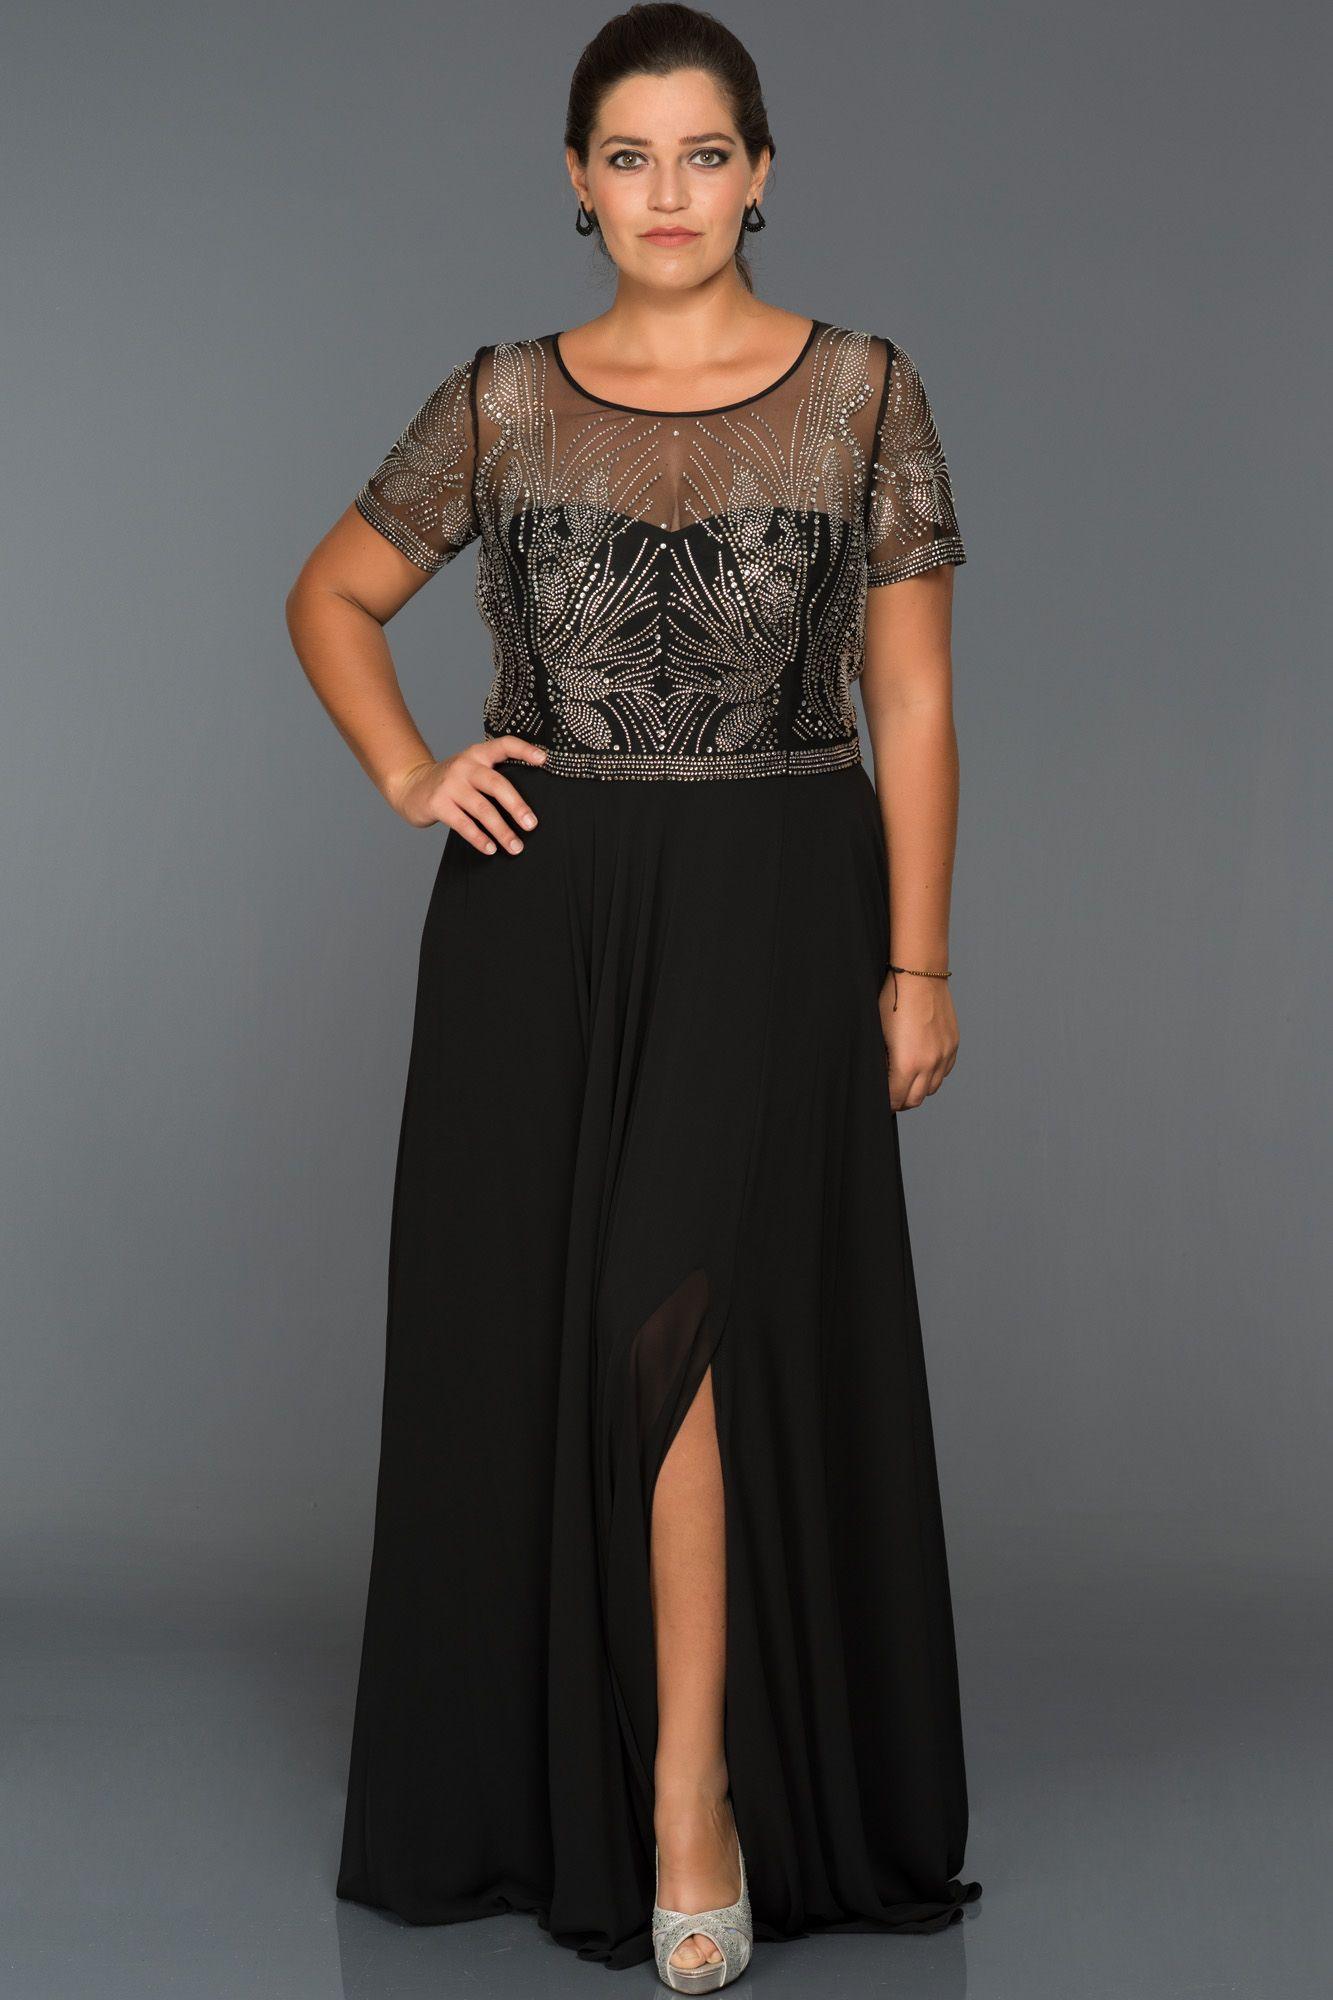 Yirtmacli Buyuk Beden Abiye S4481 Aksamustu Giysileri Elbise Modelleri The Dress